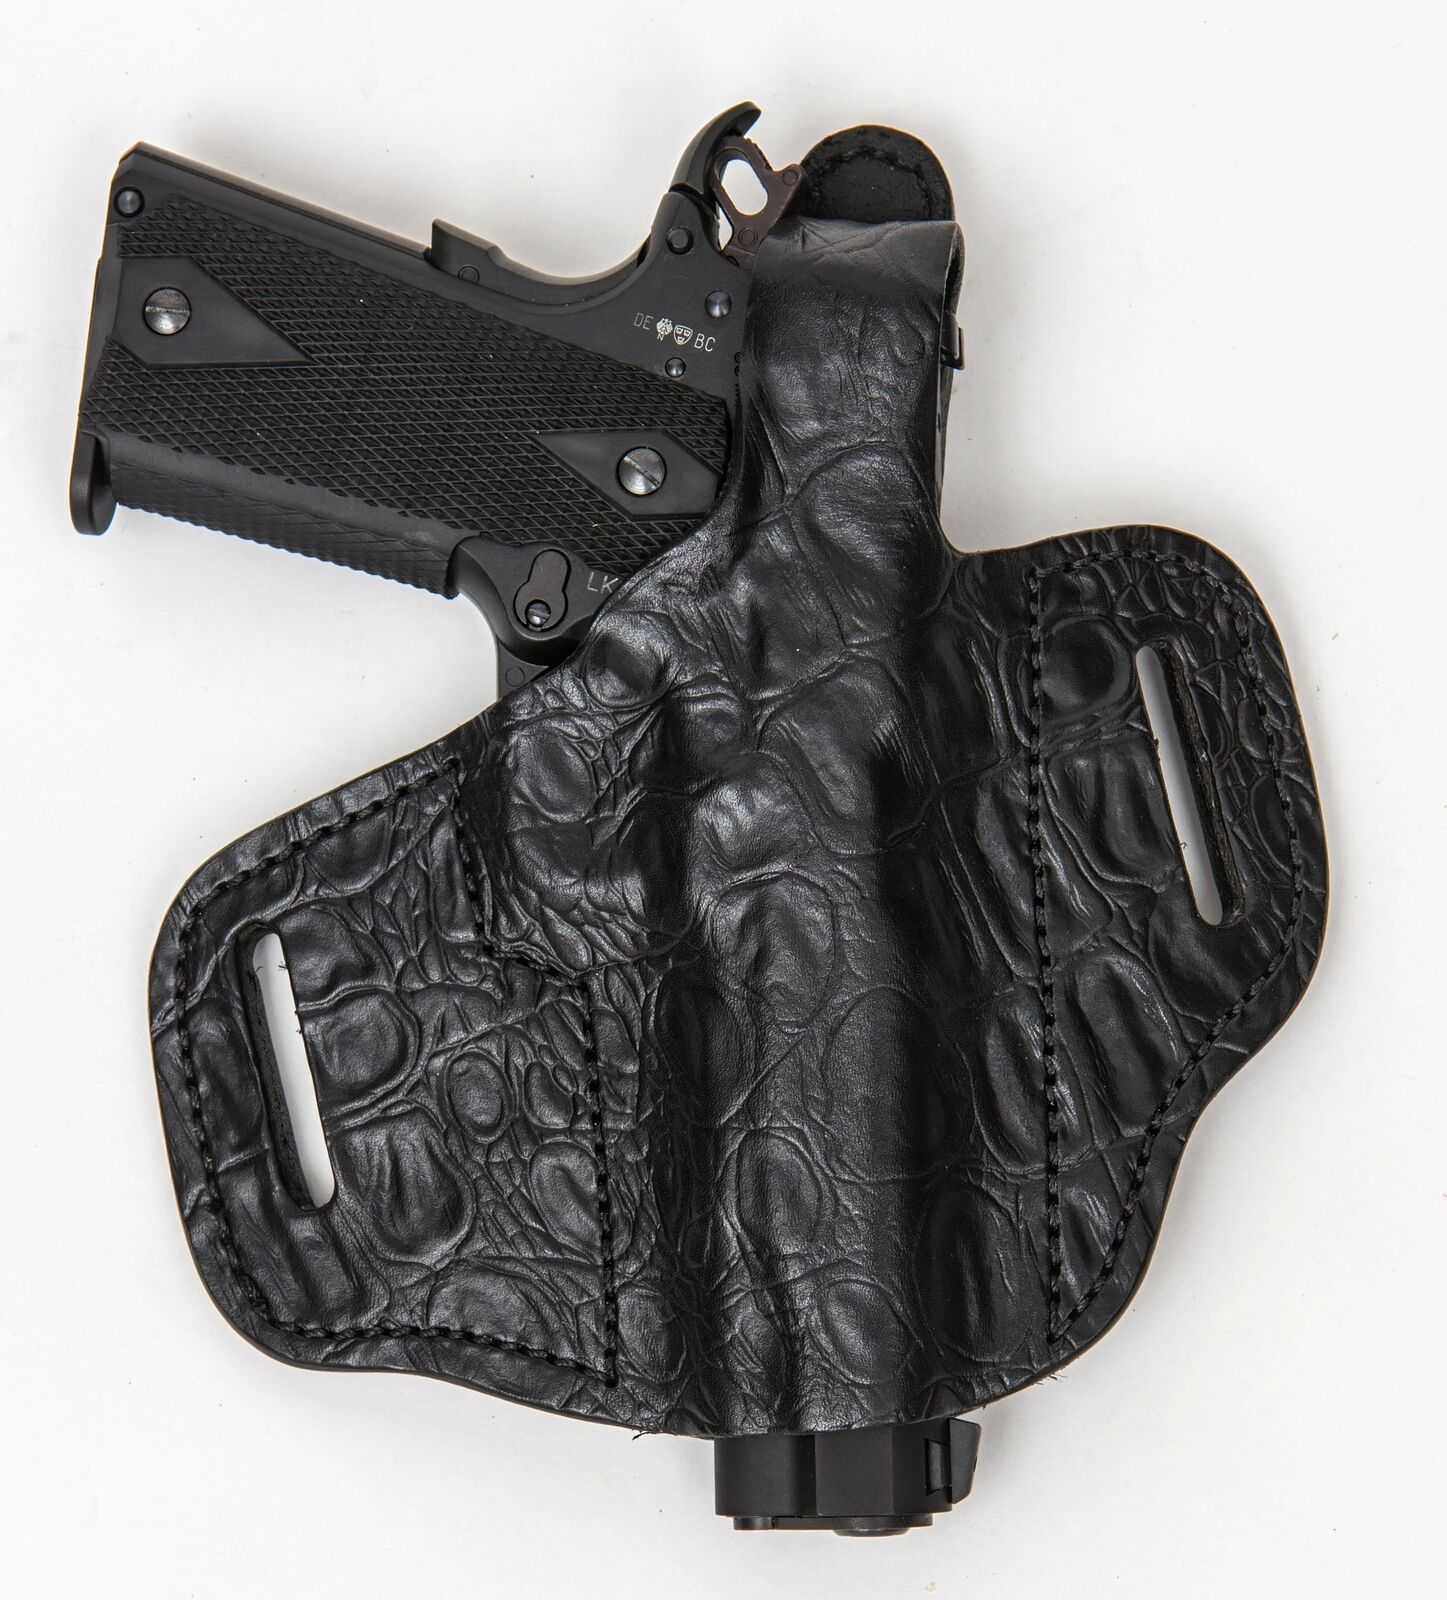 On Duty Duty On Conceal RH LH OWB Leder Gun Holster For FN 45 1feca6